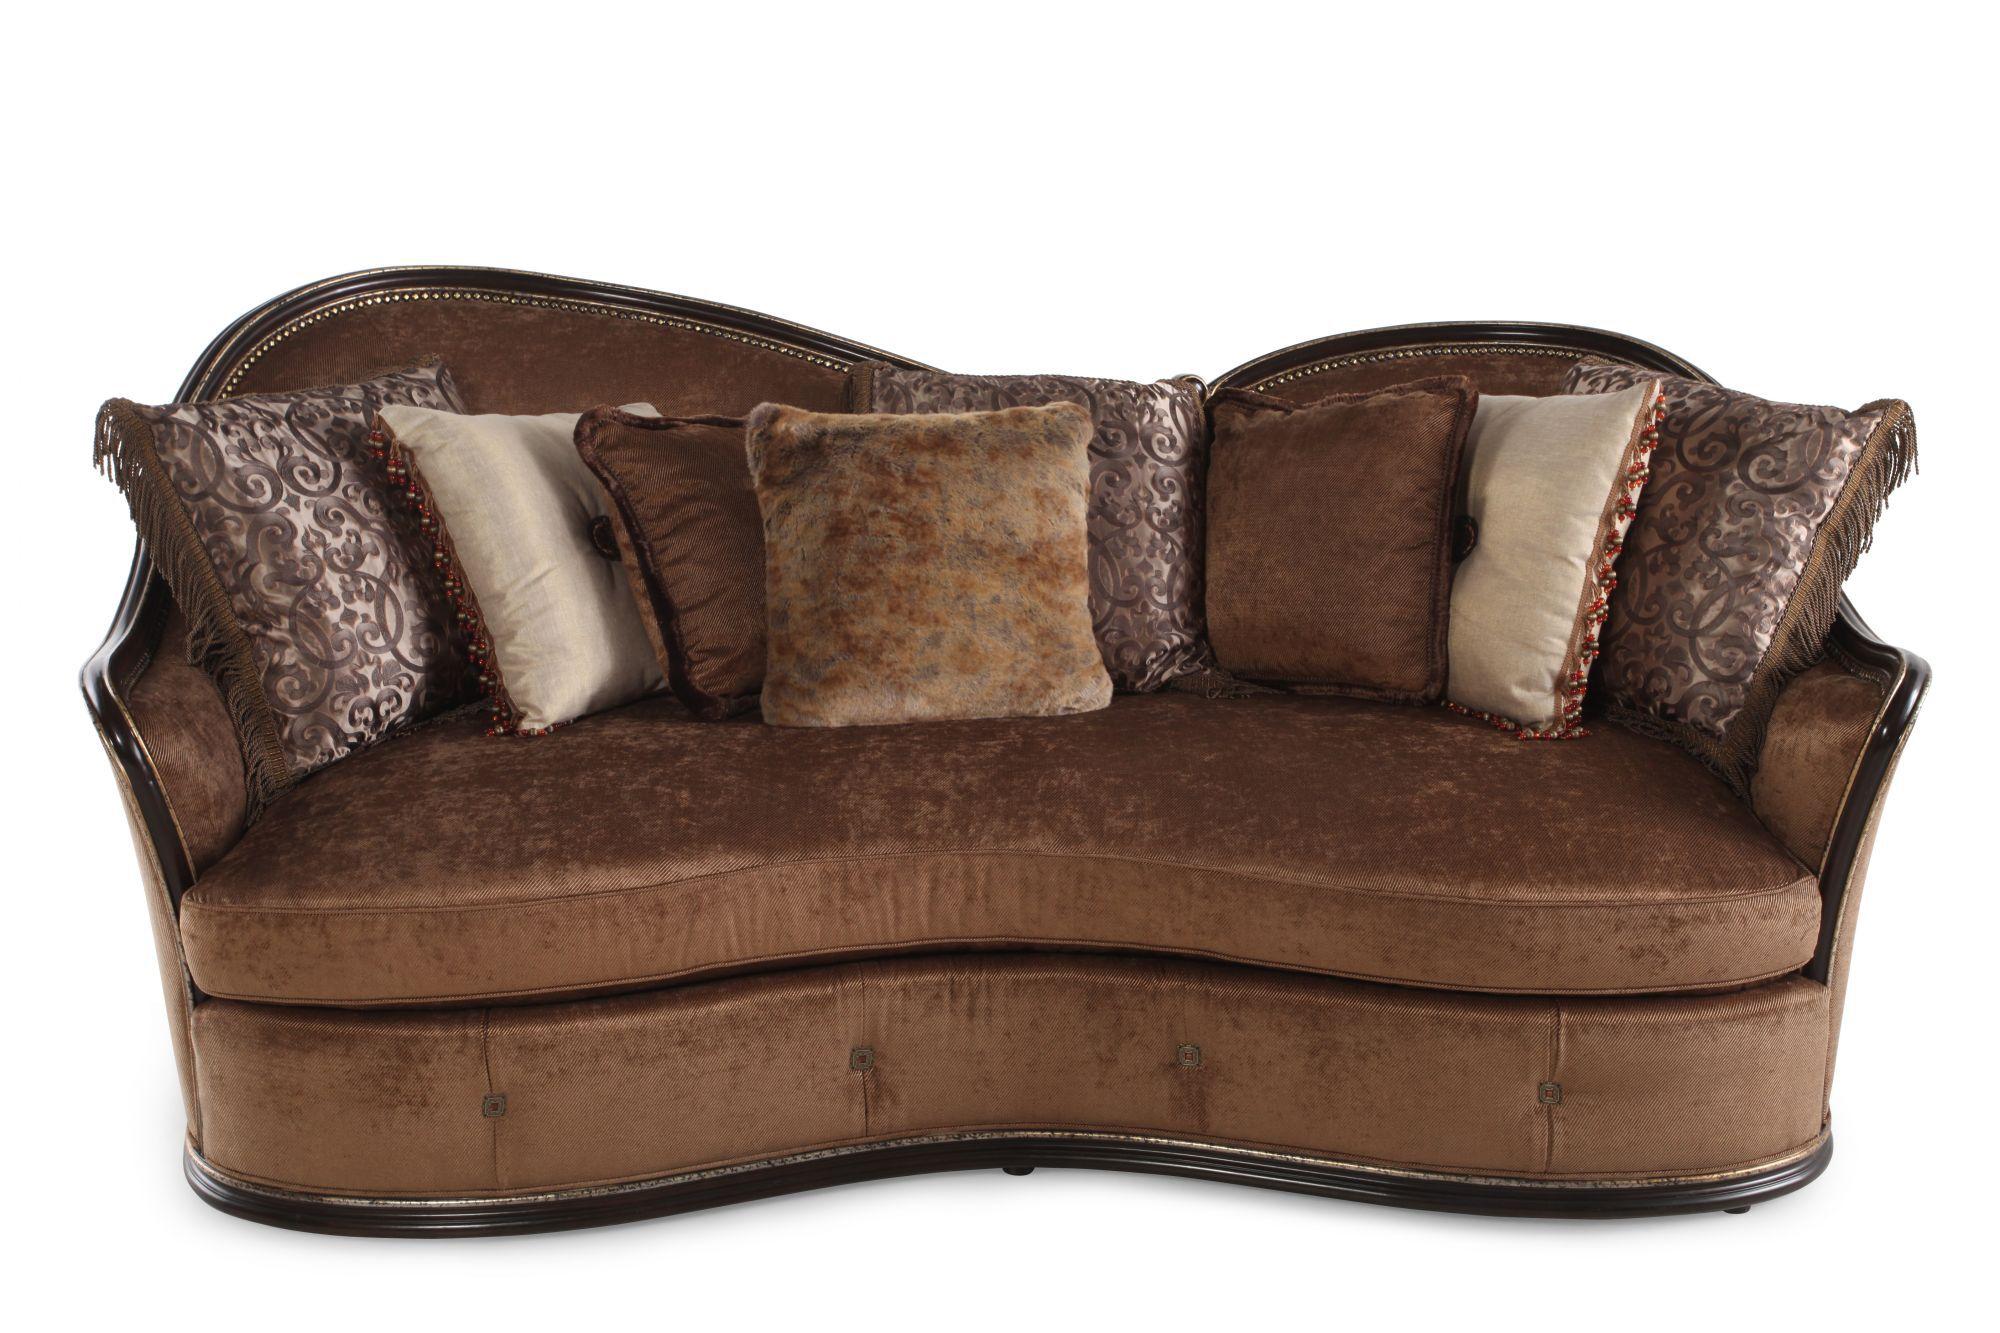 caracole mezzanotte grandeur sofa